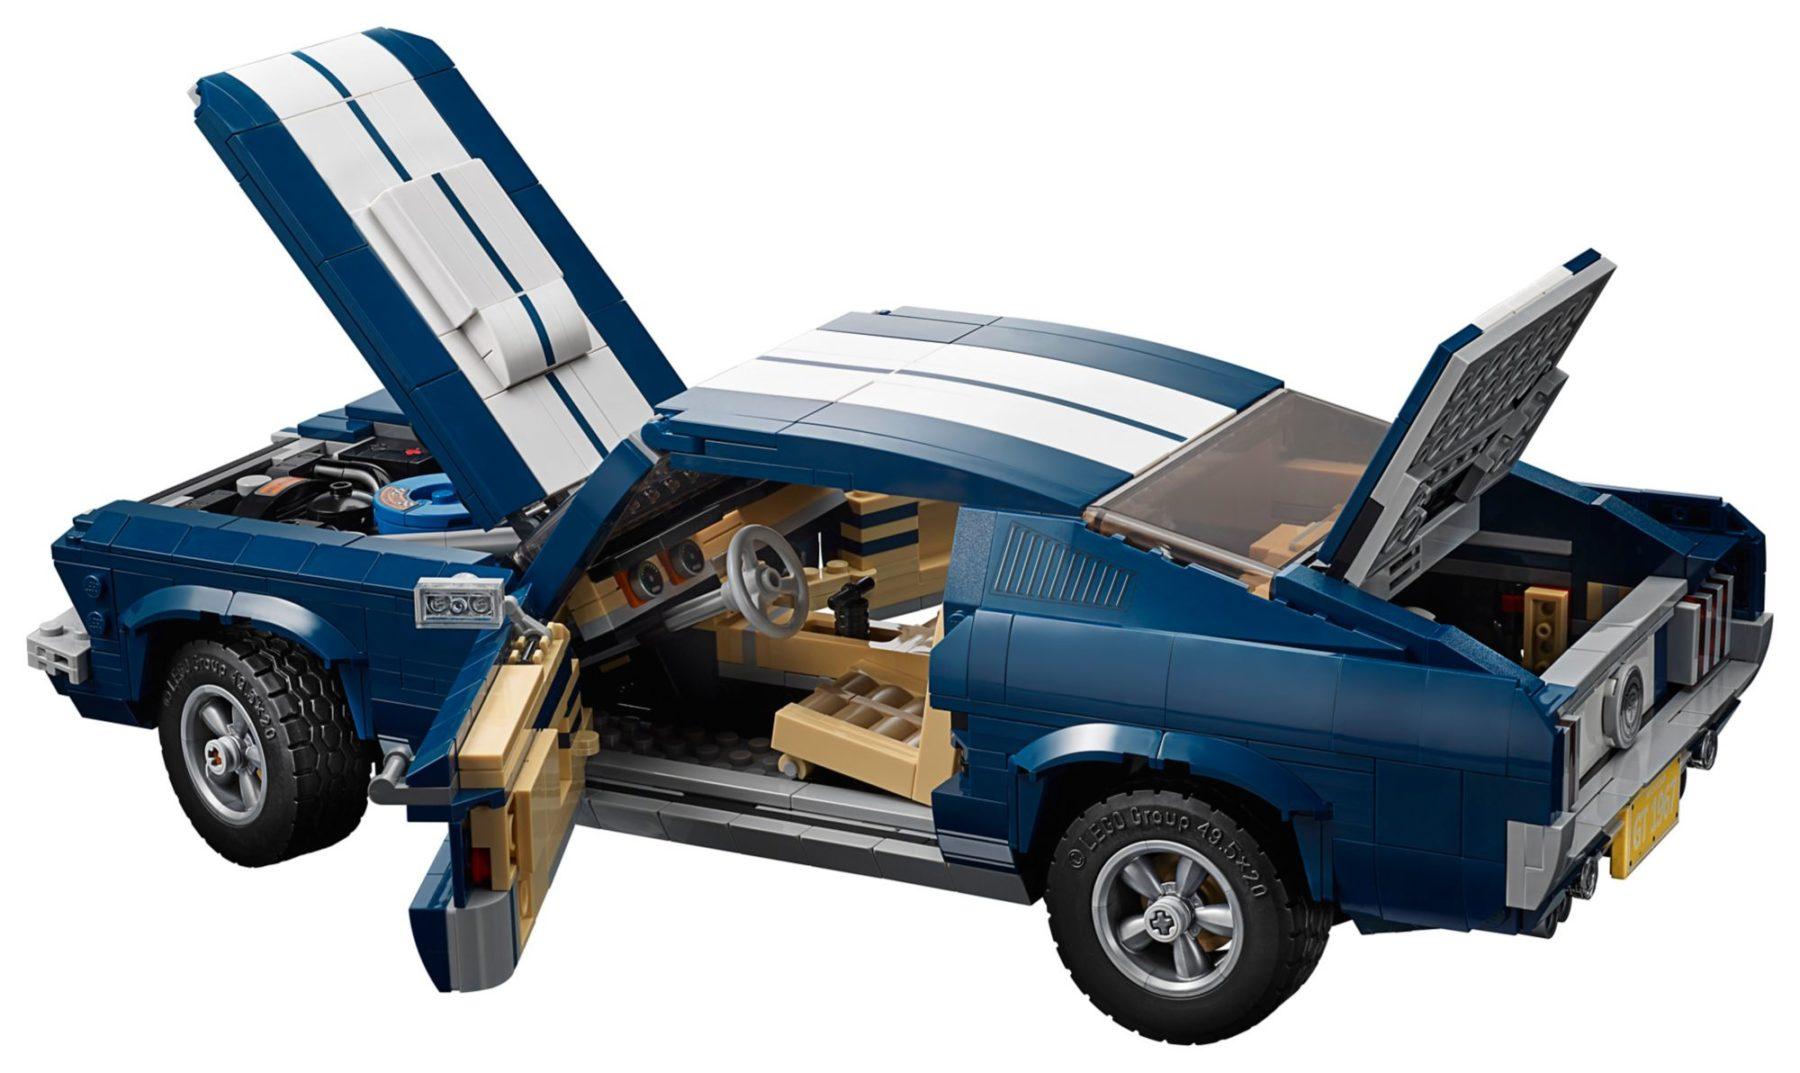 LEGO 10265 Ford Mustang GT mit allen Funktionen